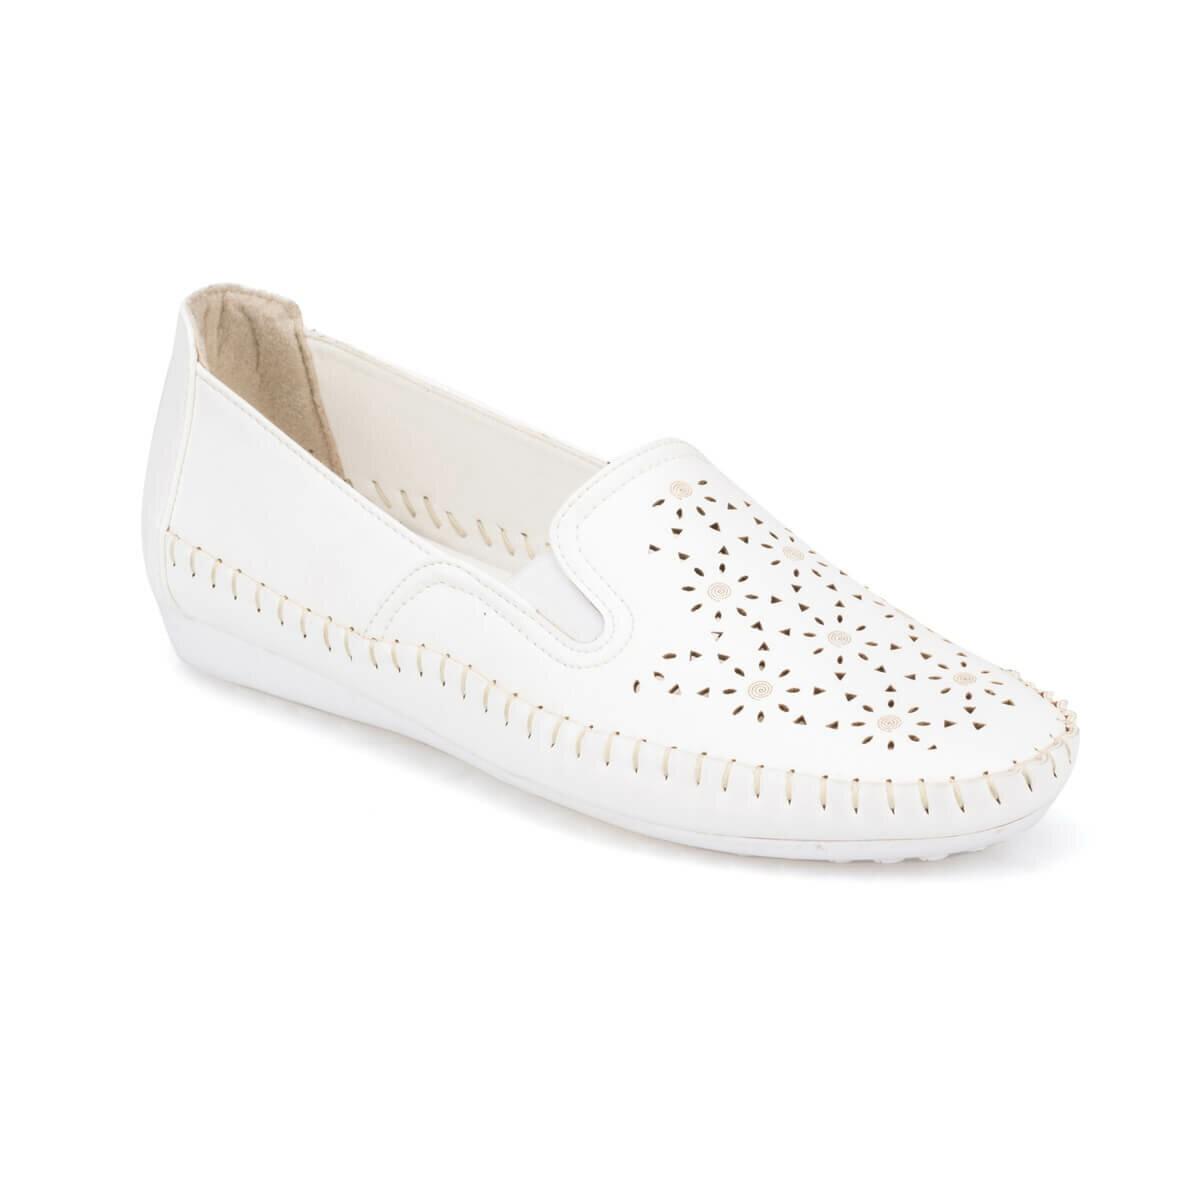 FLO 91.150686.Z White Women 'S Shoes Polaris